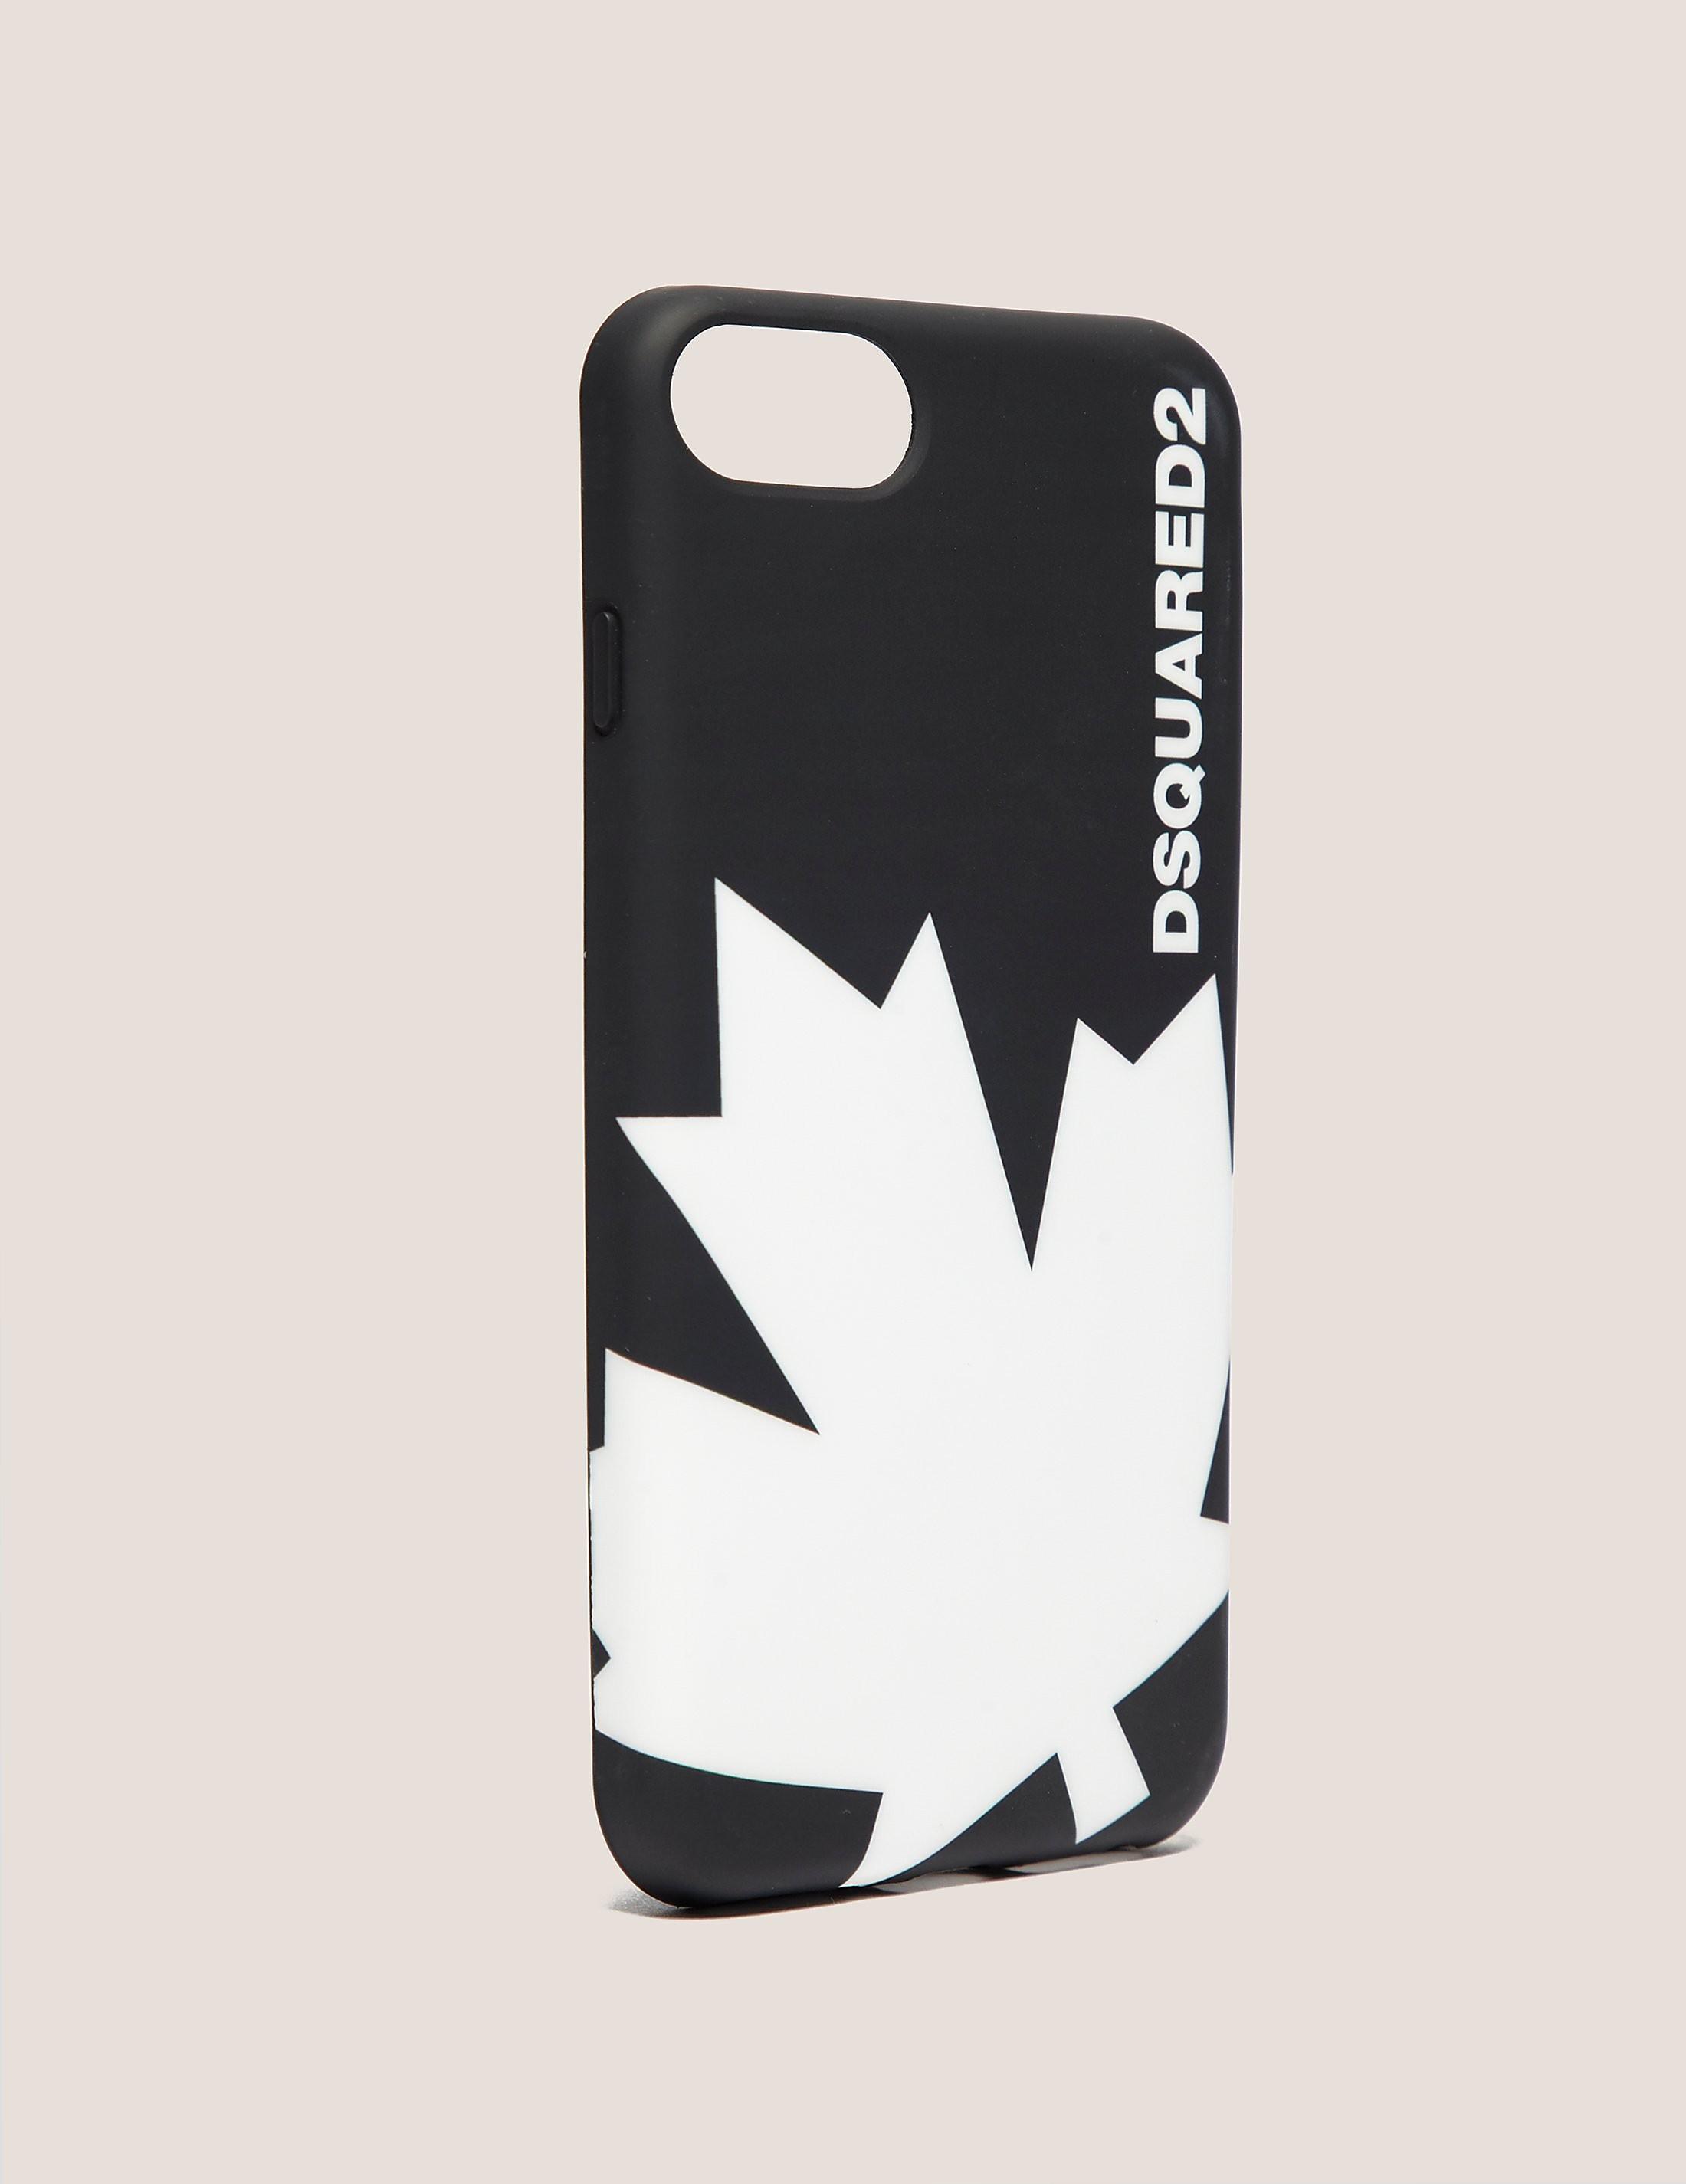 DSQUARED2 iPhone 7 Case